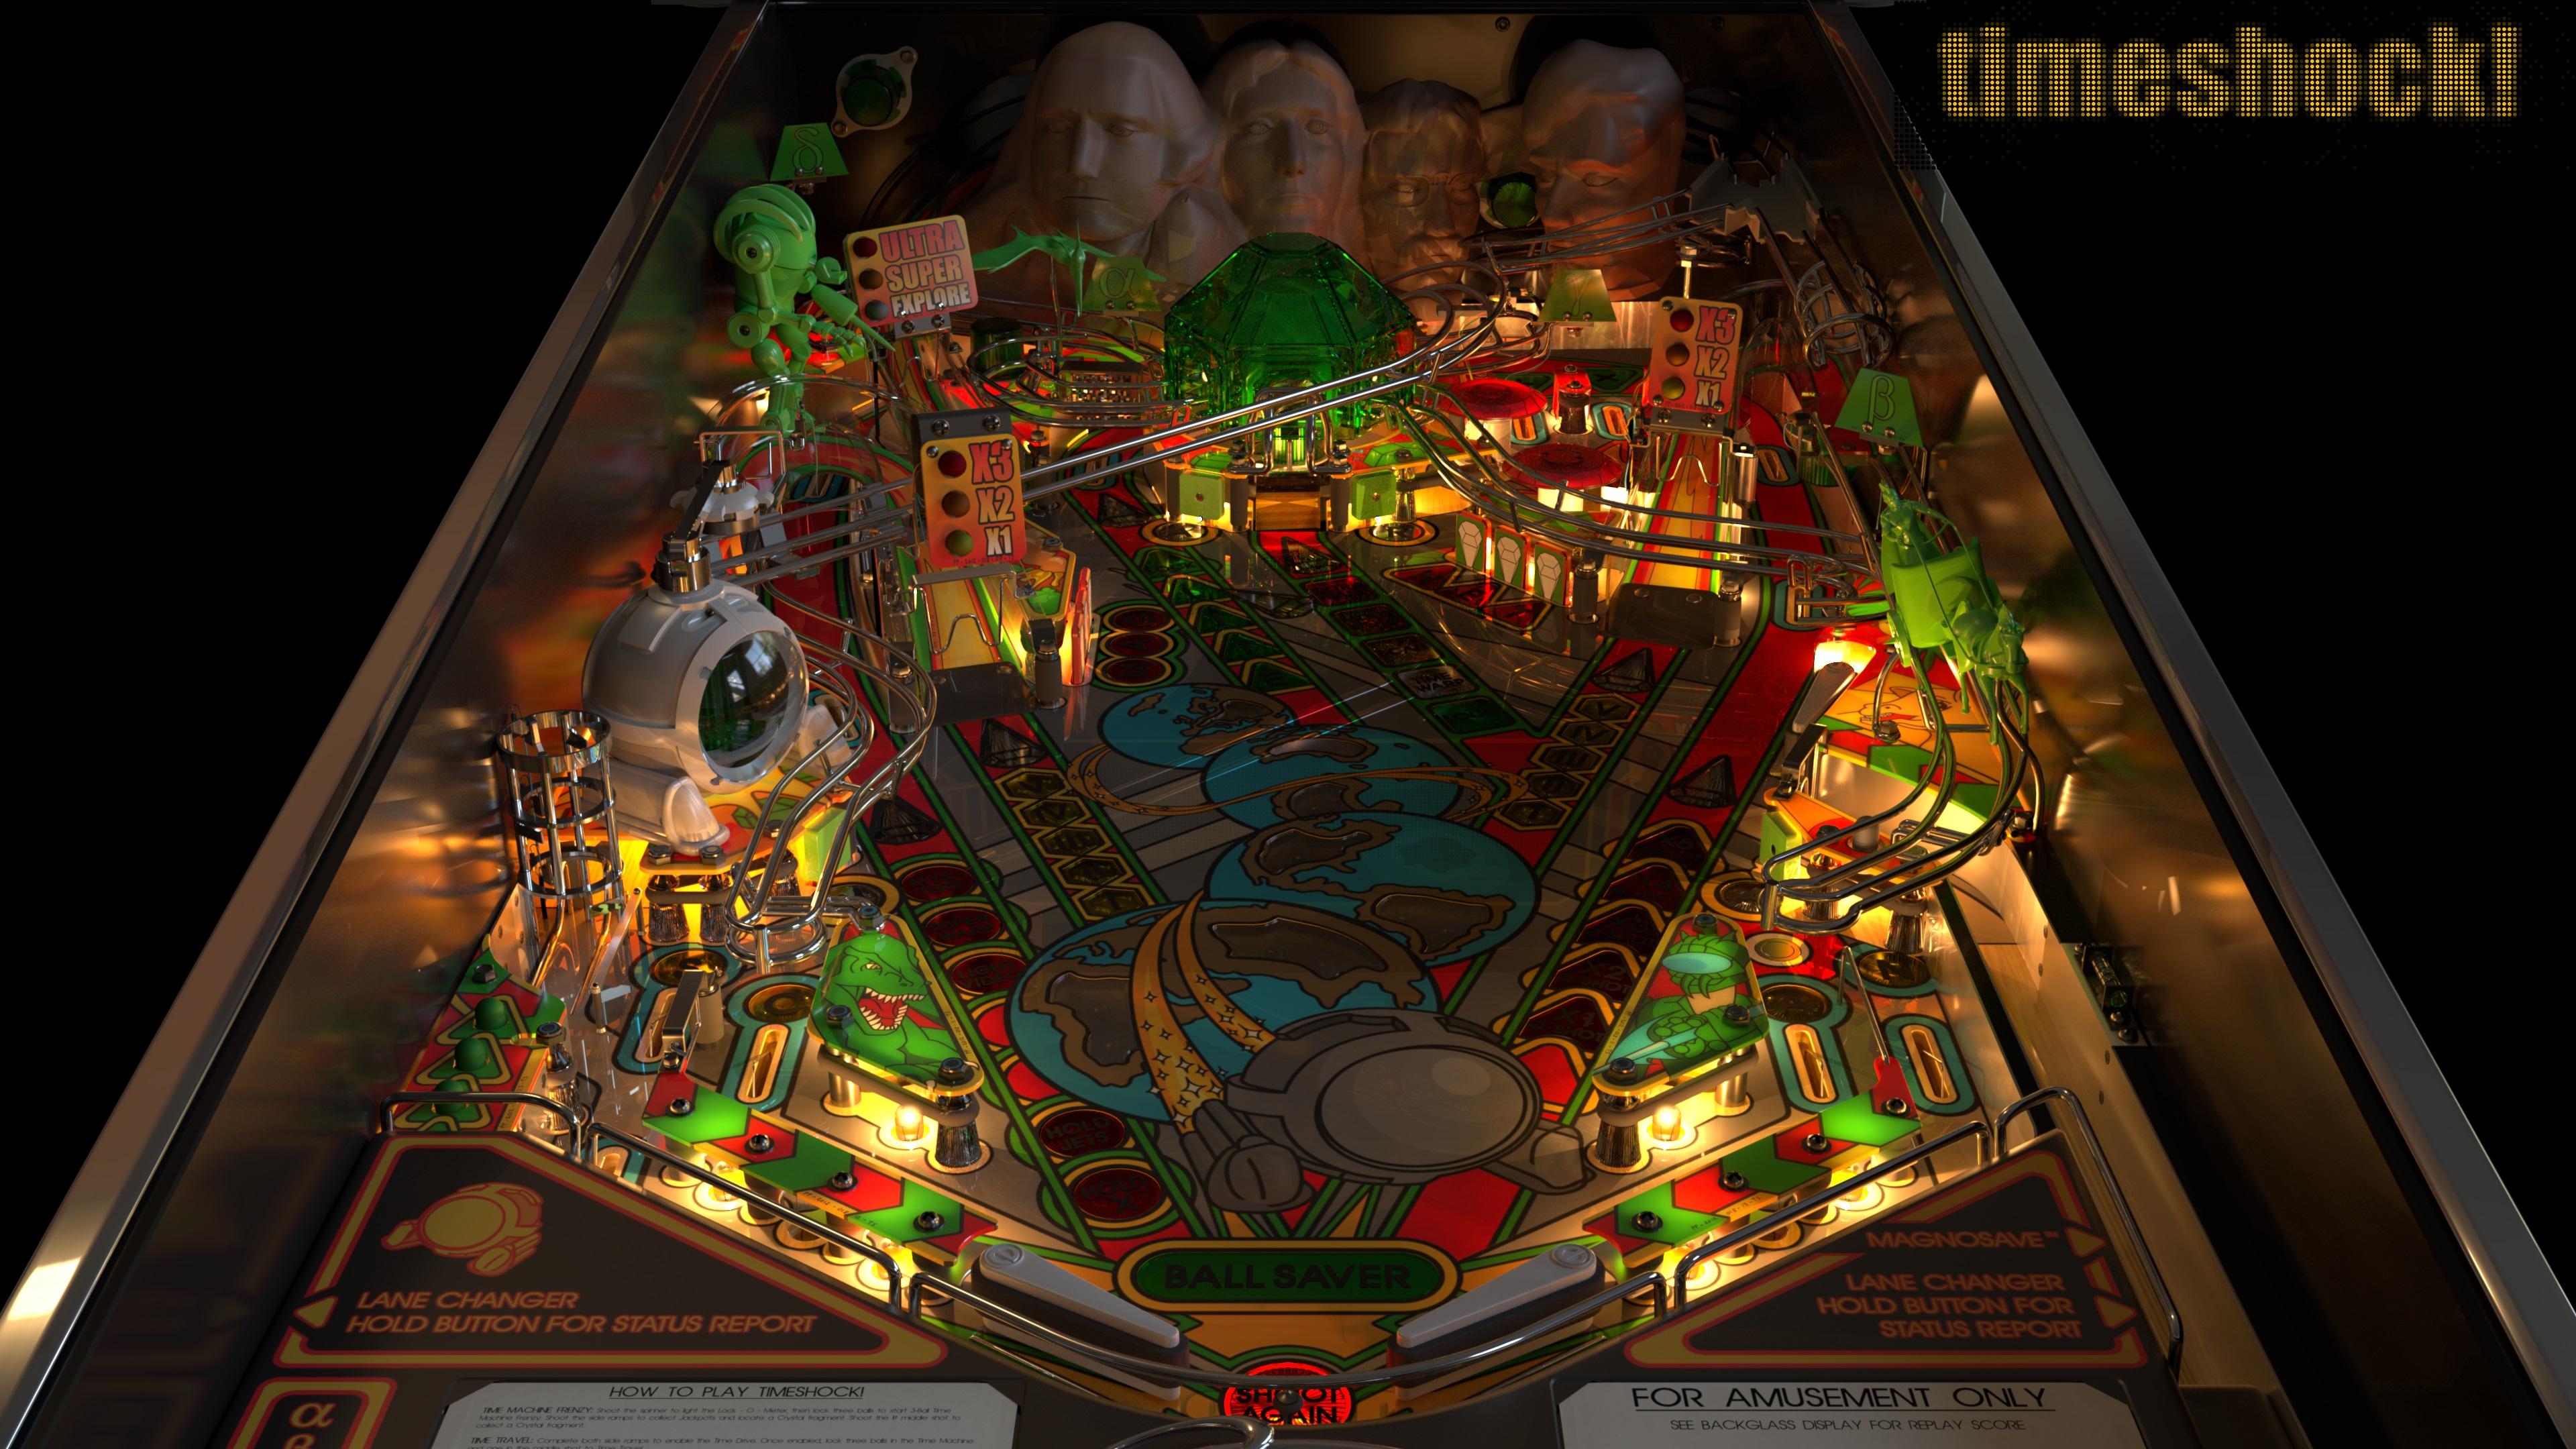 Your Digital Pinball Machine - pro pinball timeshock ultra 4k 1 - Your Digital Pinball Machine